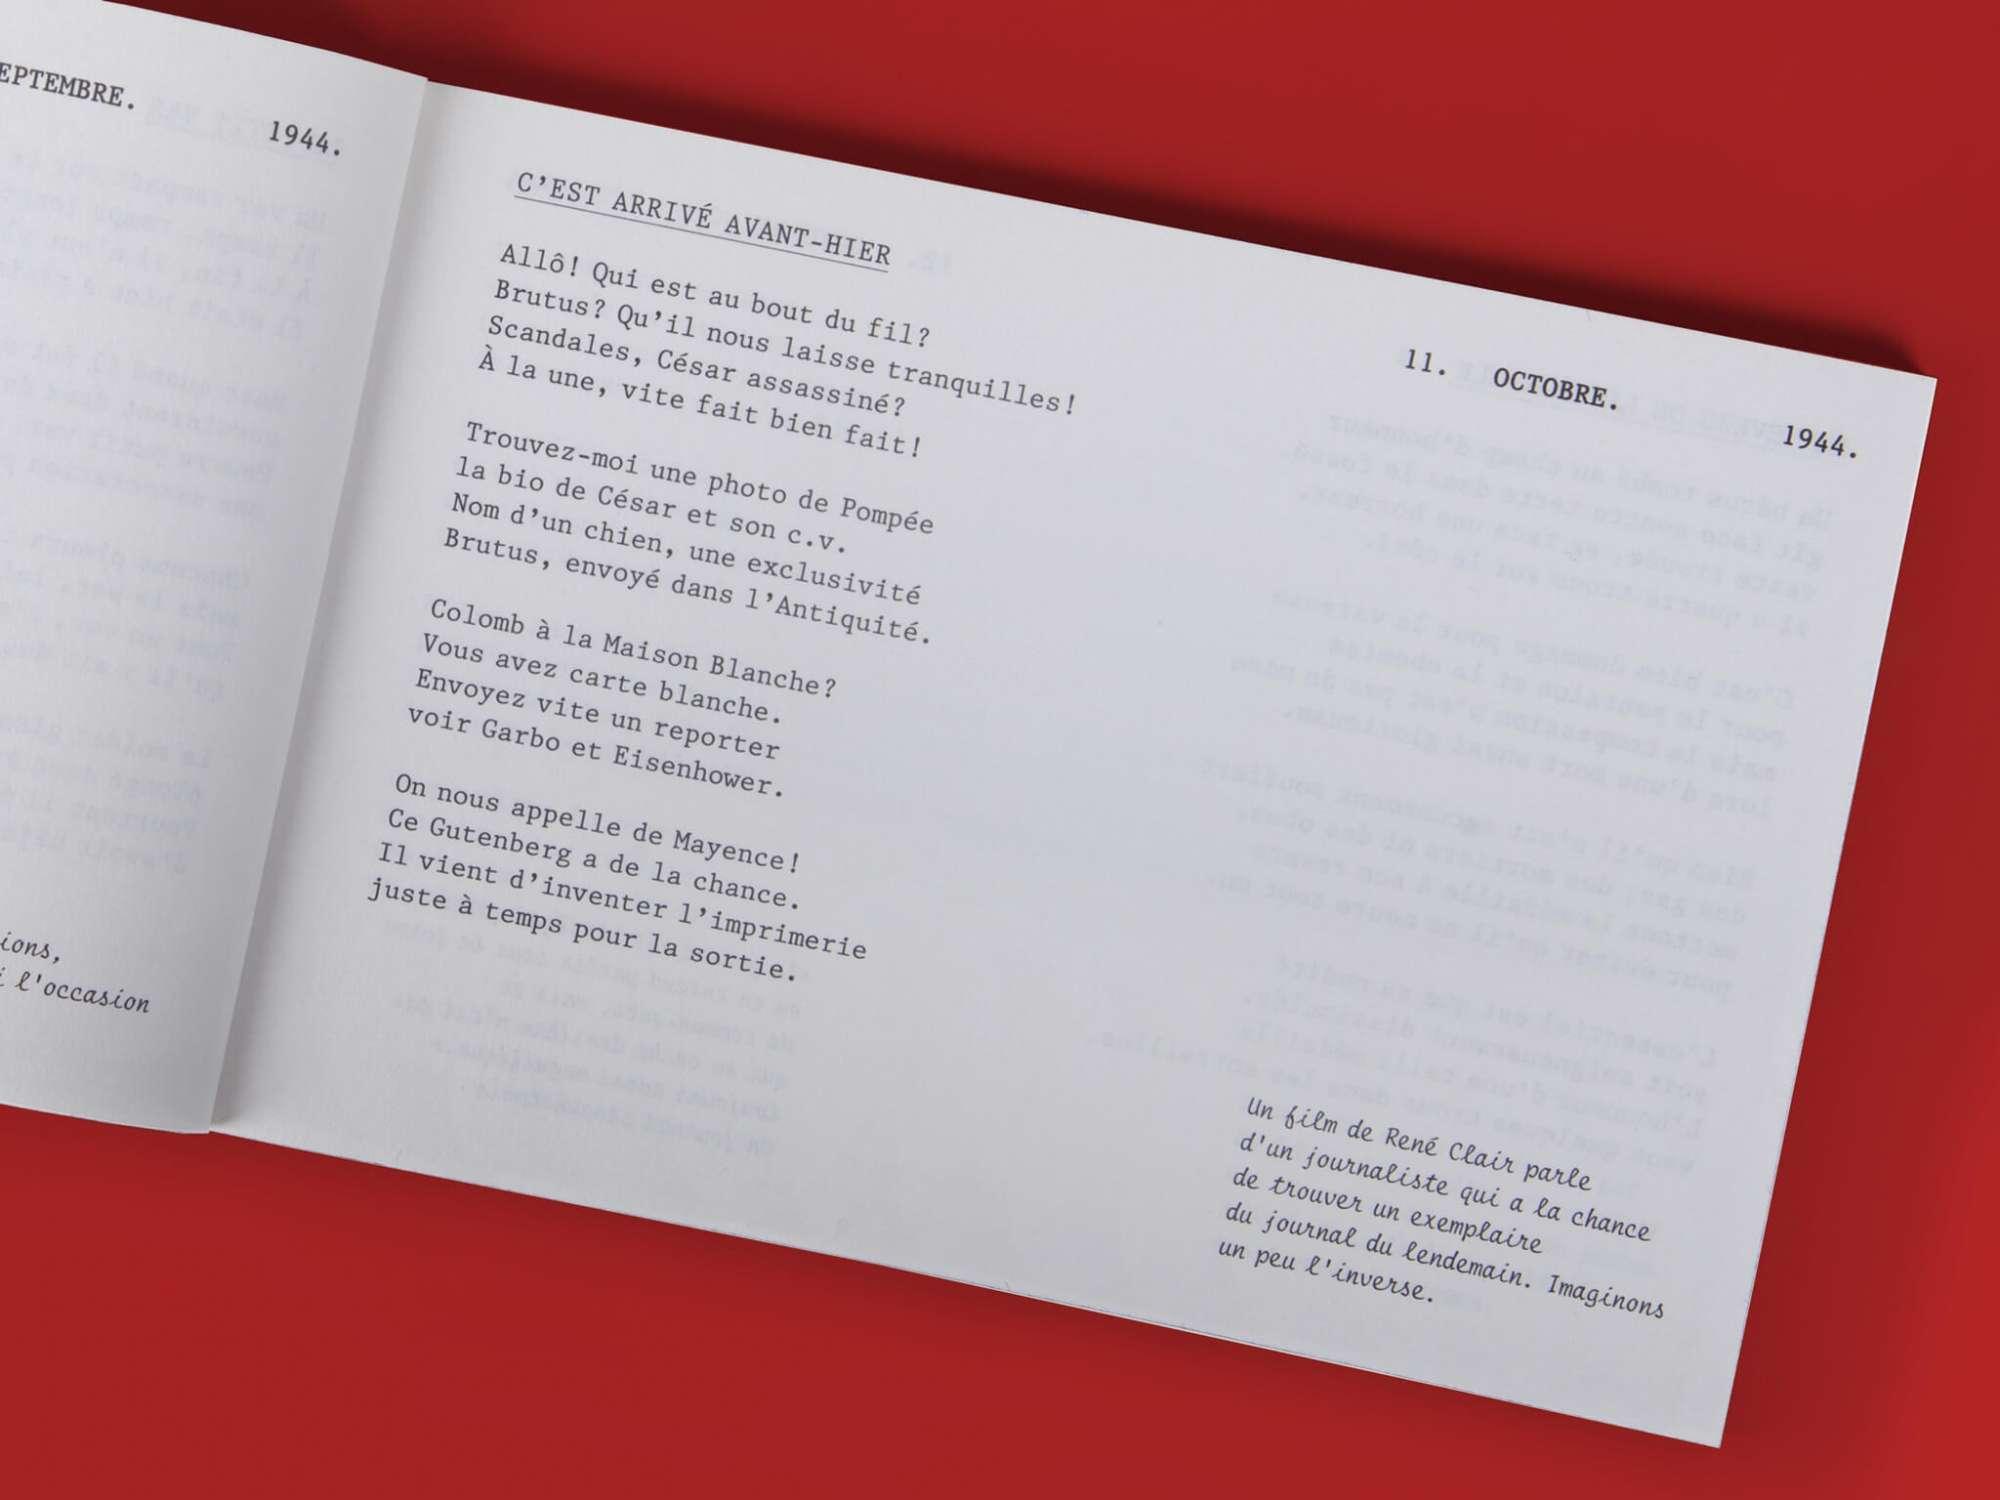 Stig Dagerman Billets quotidiens Éditions cent pages page intérieure poème 11 octobre 1944 composition SP Millot